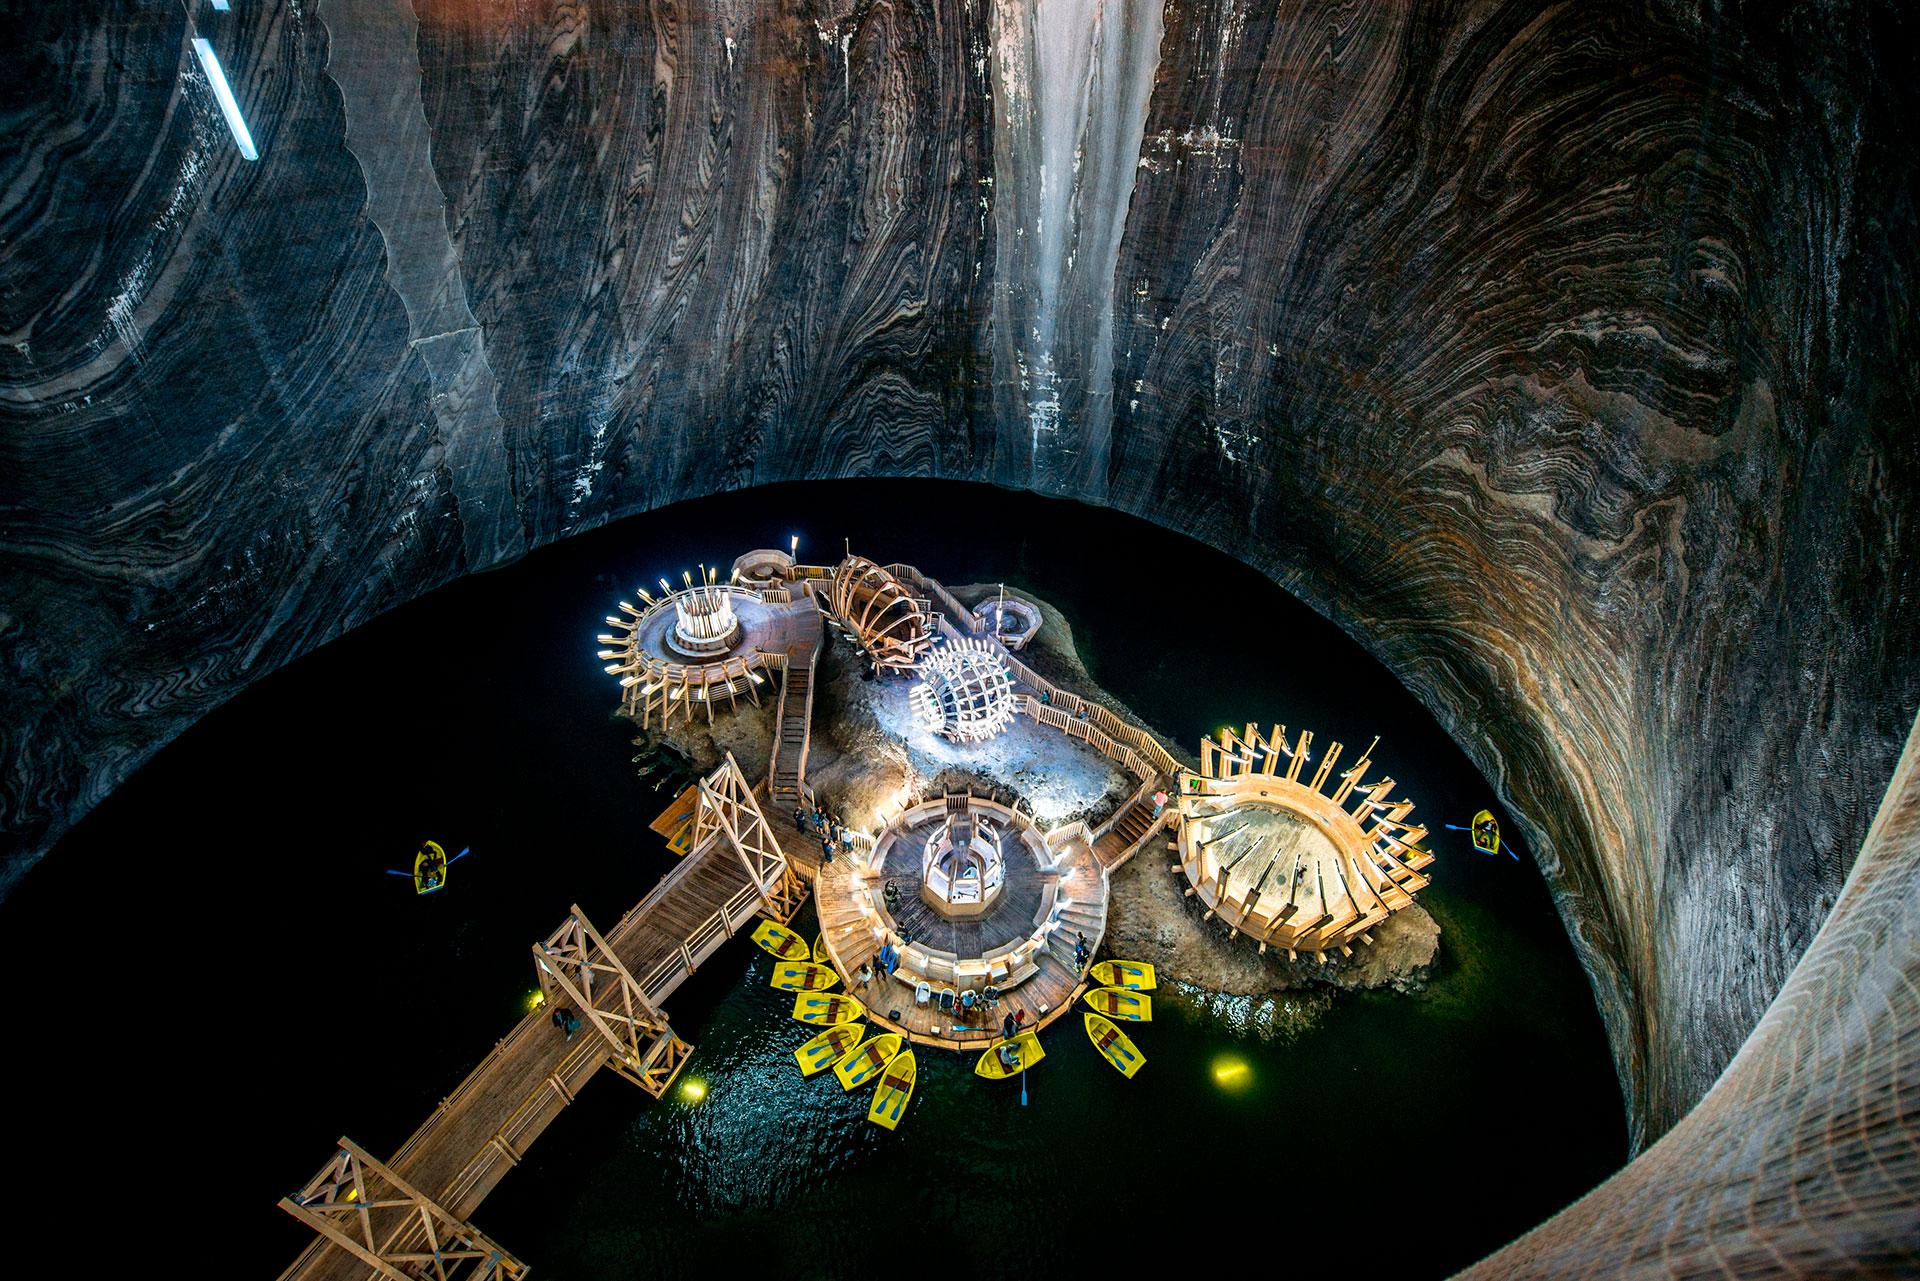 Después de descender por una serie de túneles estrechos y estrechos, los visitantes emergen en una plataforma alta con vistas a la caverna principal